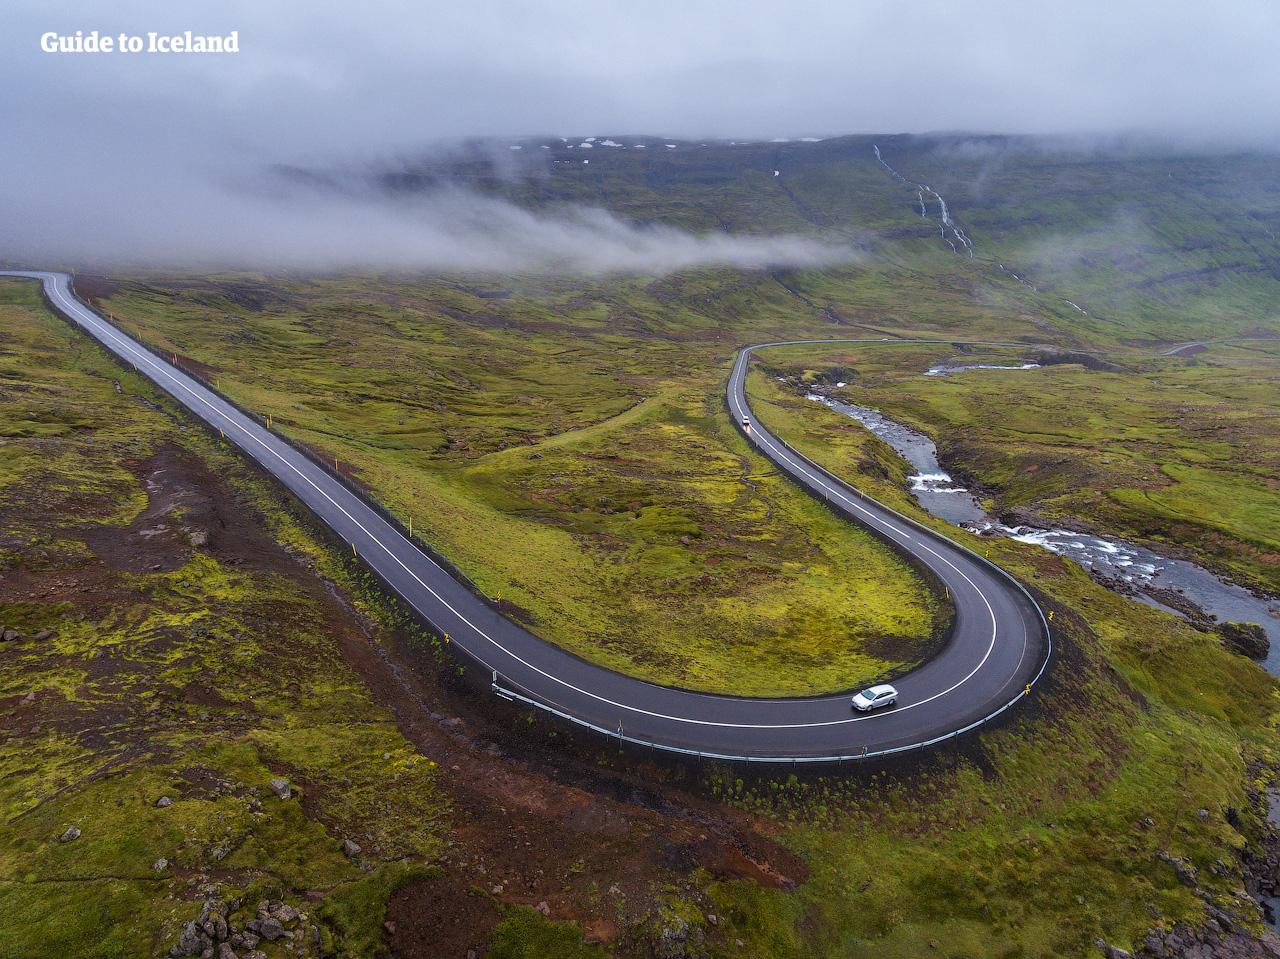 동부 아이슬란드의 경사로.